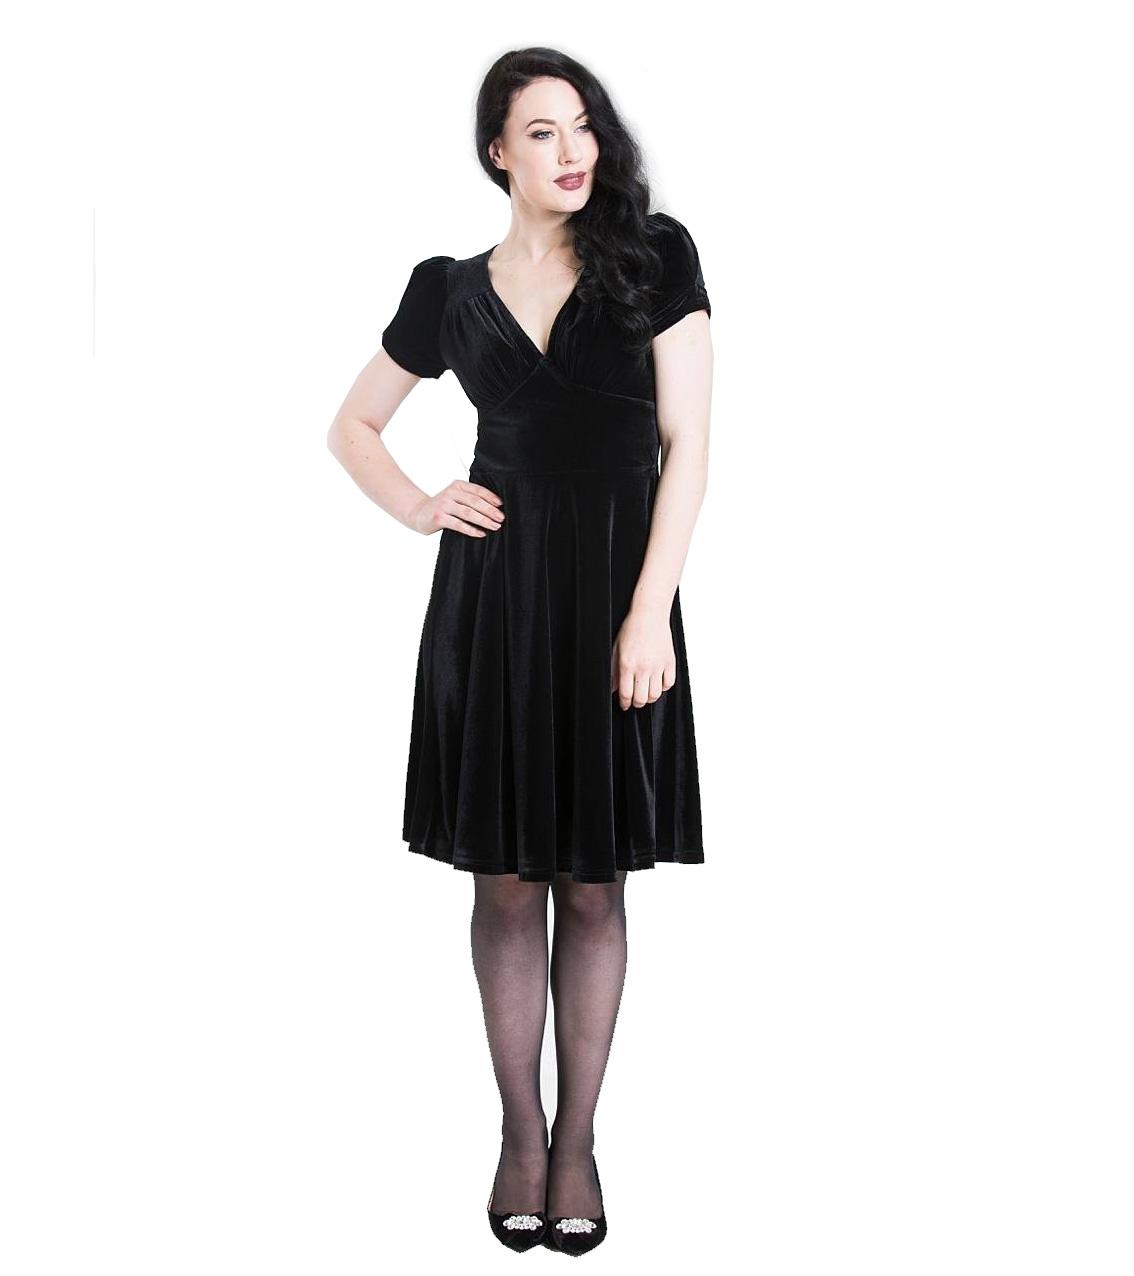 Hell-Bunny-40s-50s-Elegant-Pin-Up-Dress-JOANNE-Crushed-Velvet-Black-All-Sizes thumbnail 3